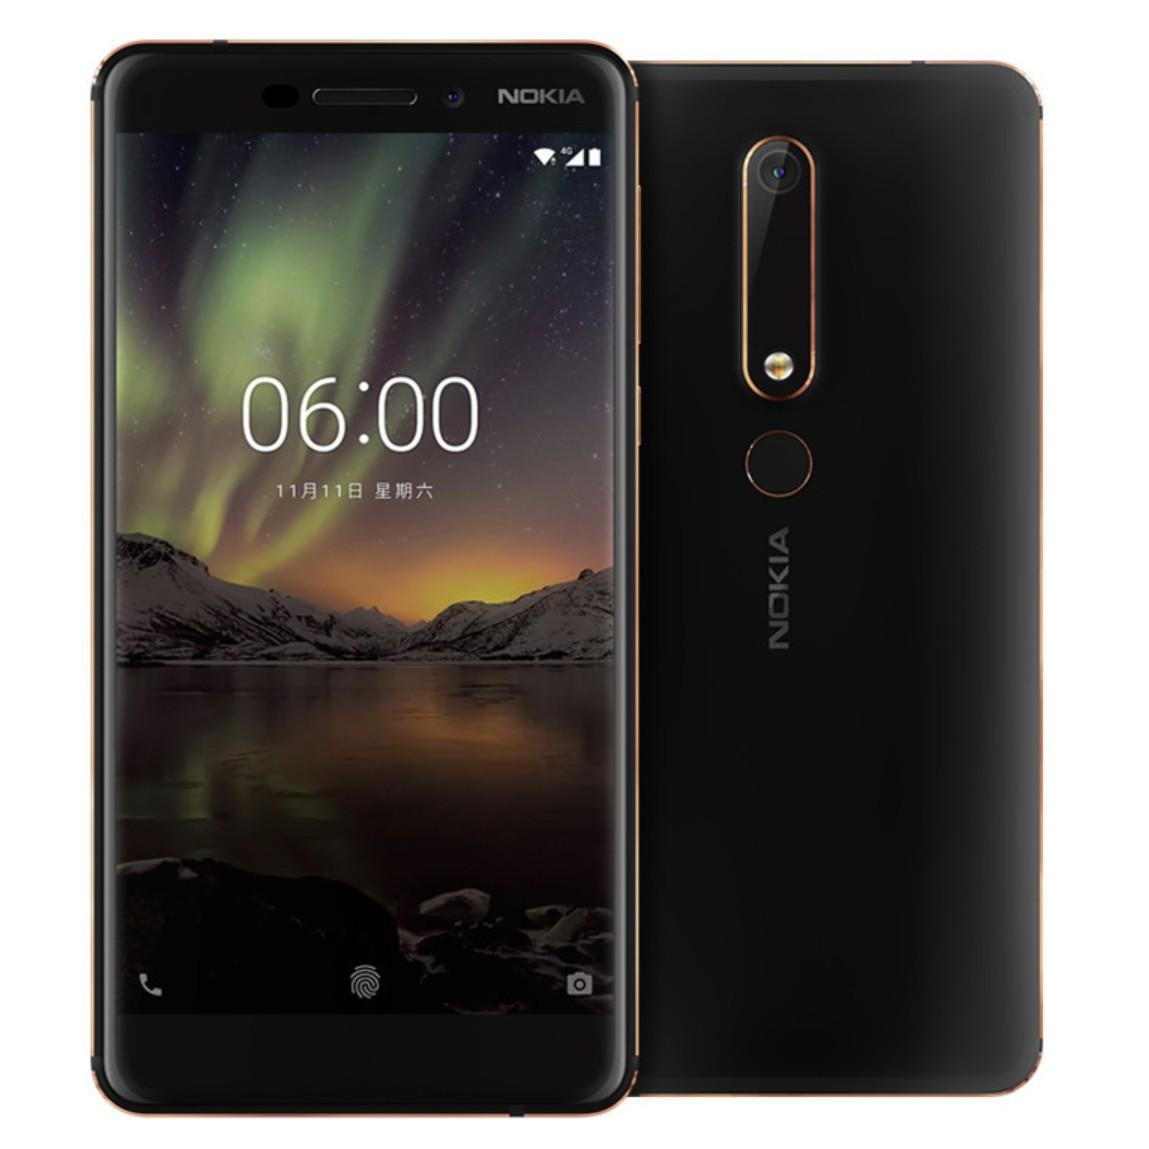 Le Nokia 6(2018), à peine lancé, reçoit déjà Android 8.0 Oreo